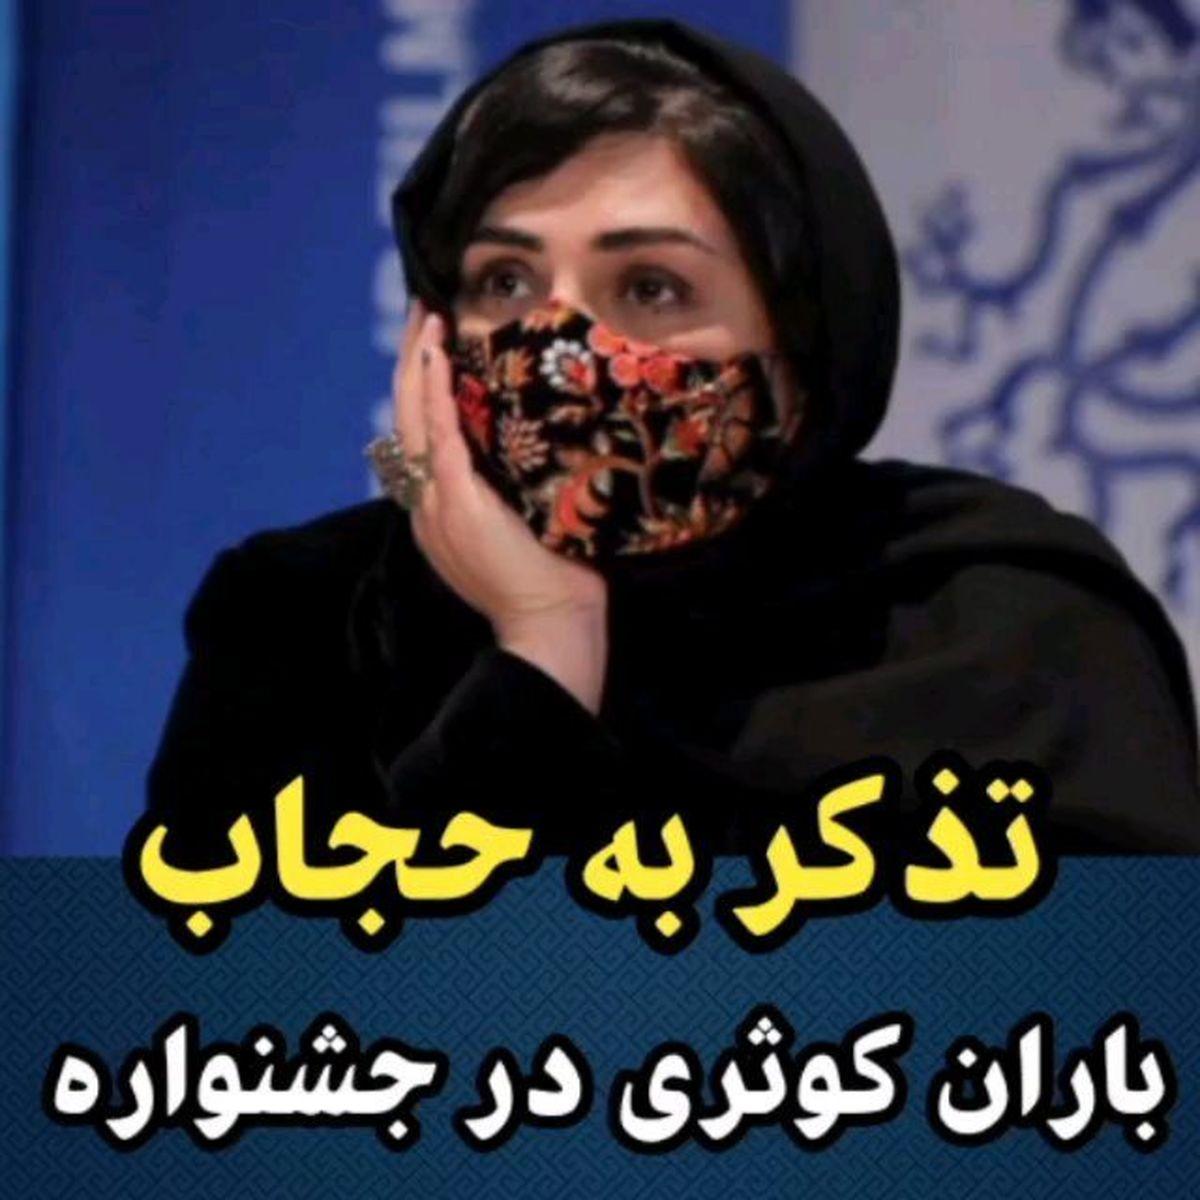 فیلم تذکر به حجاب خانوم بازیگر در جشنواره فیلم فجر لورفت!